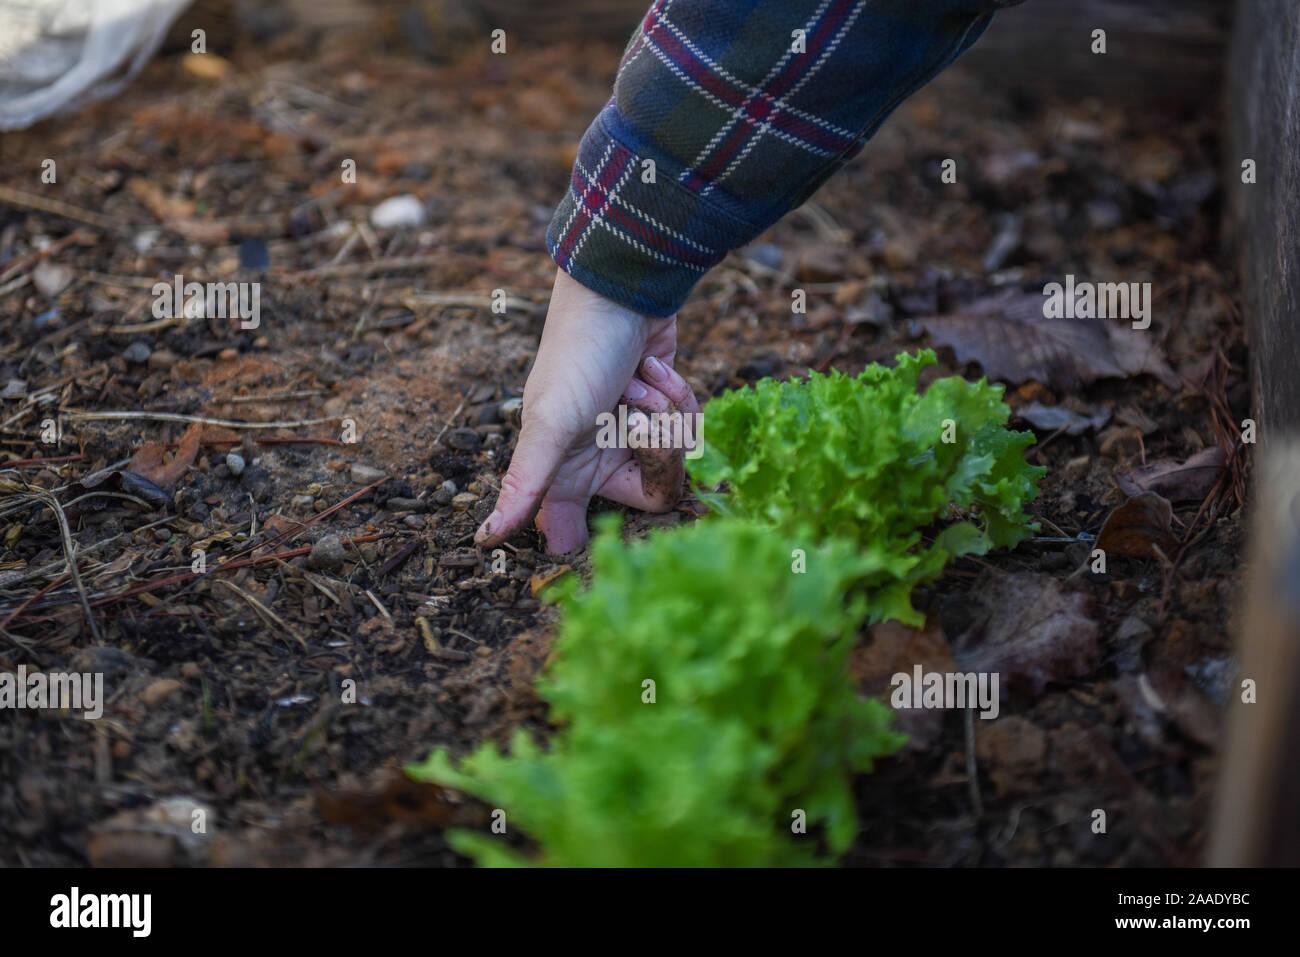 Fotos de jardinería de invierno en un jardín local centrado en la sostenibilidad y la seguridad alimentaria en la comunidad. Foto de stock